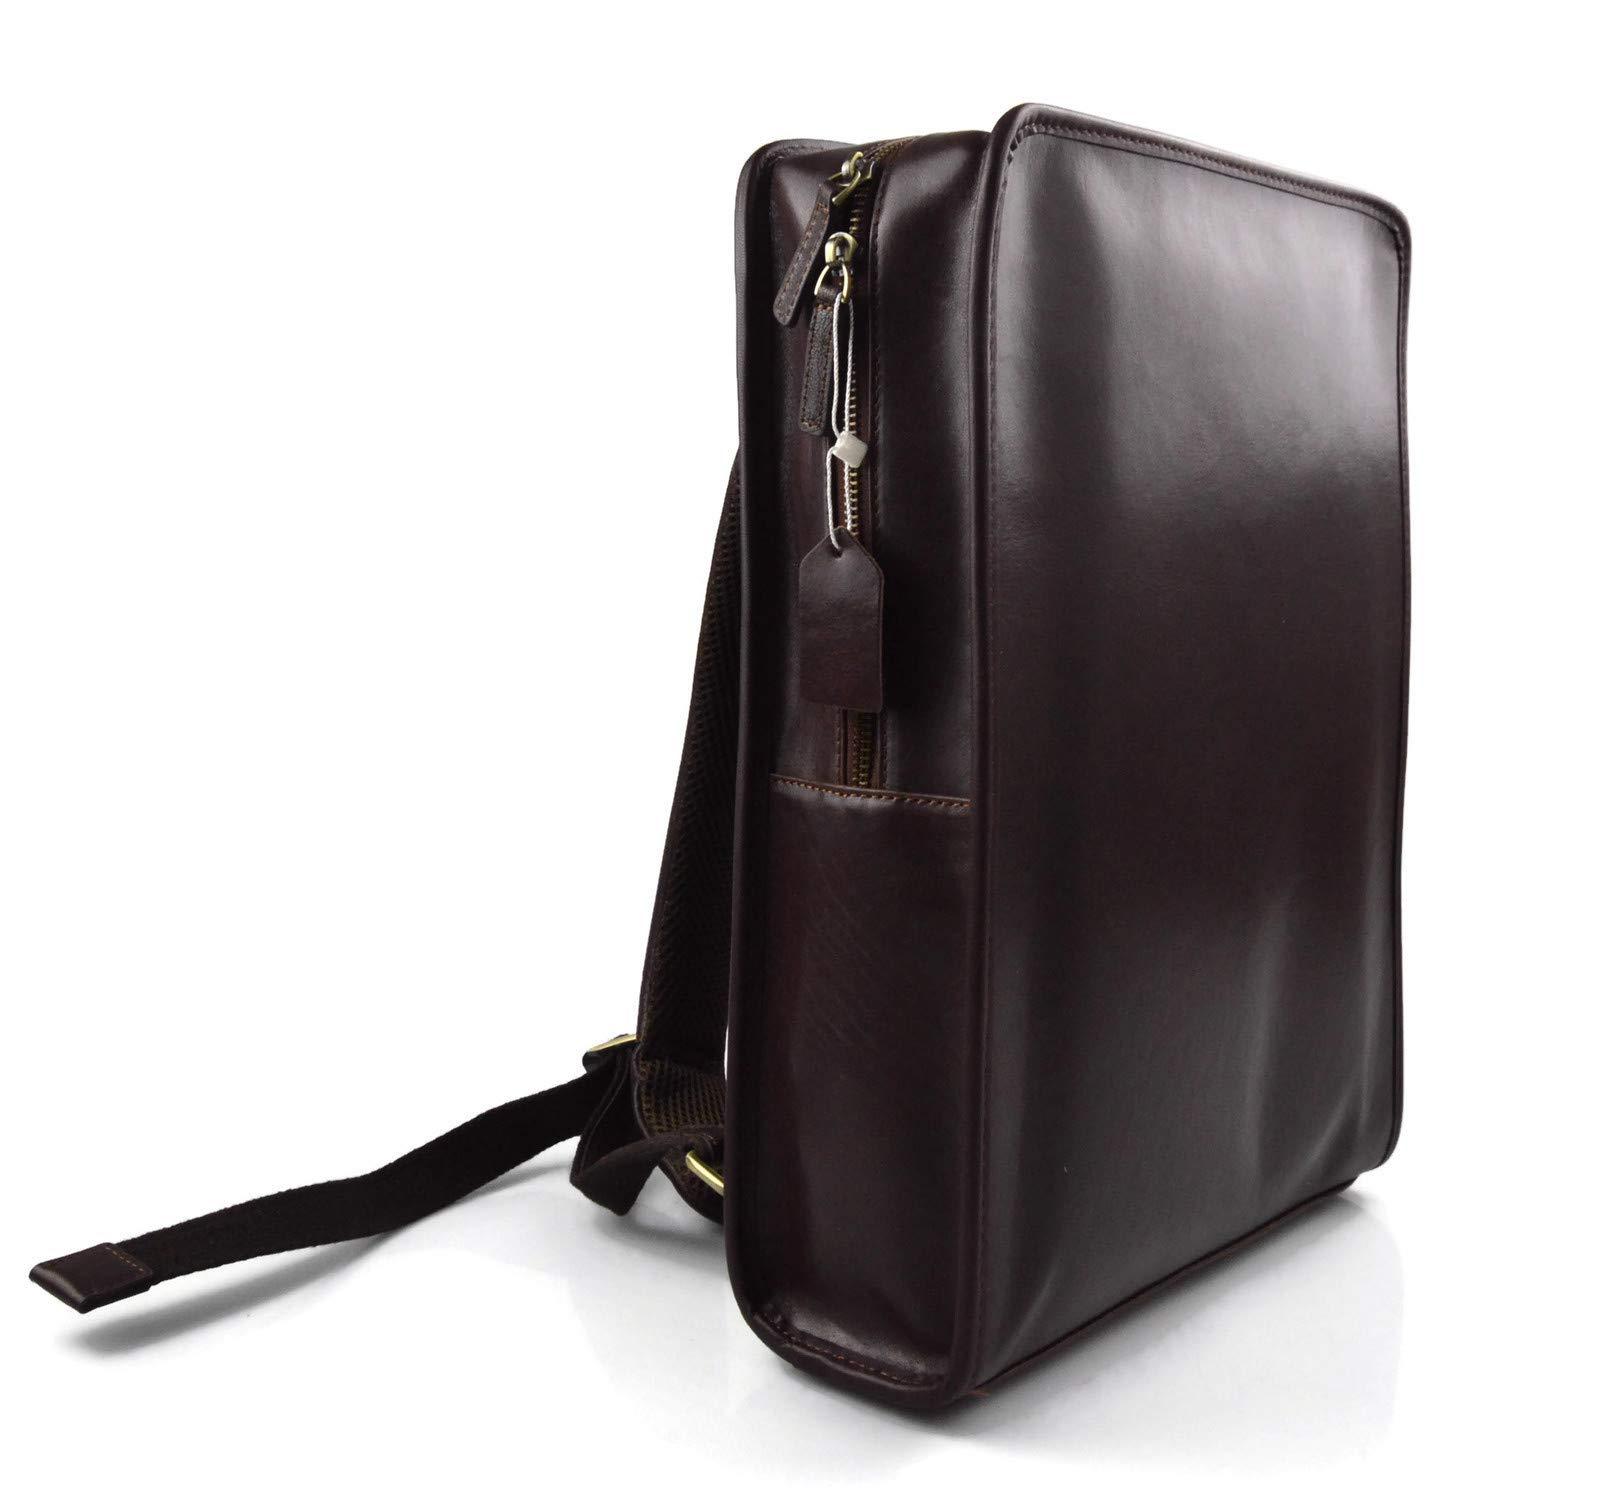 Mochila de cuero marron oscuro bolso de hombre piel mochila grande duro de piel bolso de espalda bolso bandolera de cuero mochila de piel